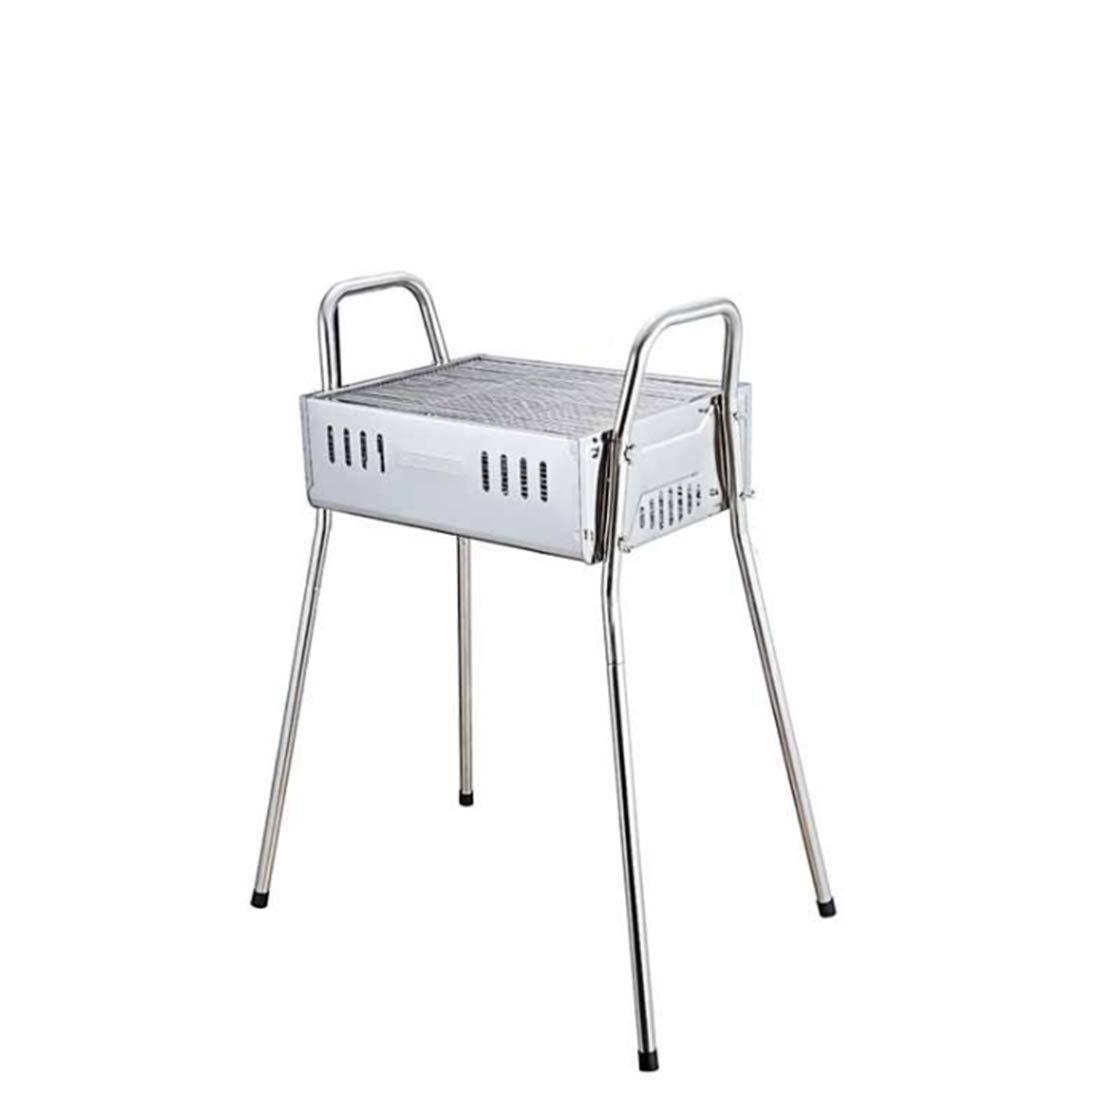 FELICIGG Abnehmbarer Design-Grill, tragbarer Grill für einfaches Tragen (Größe : 64.3  43  79.5CM)